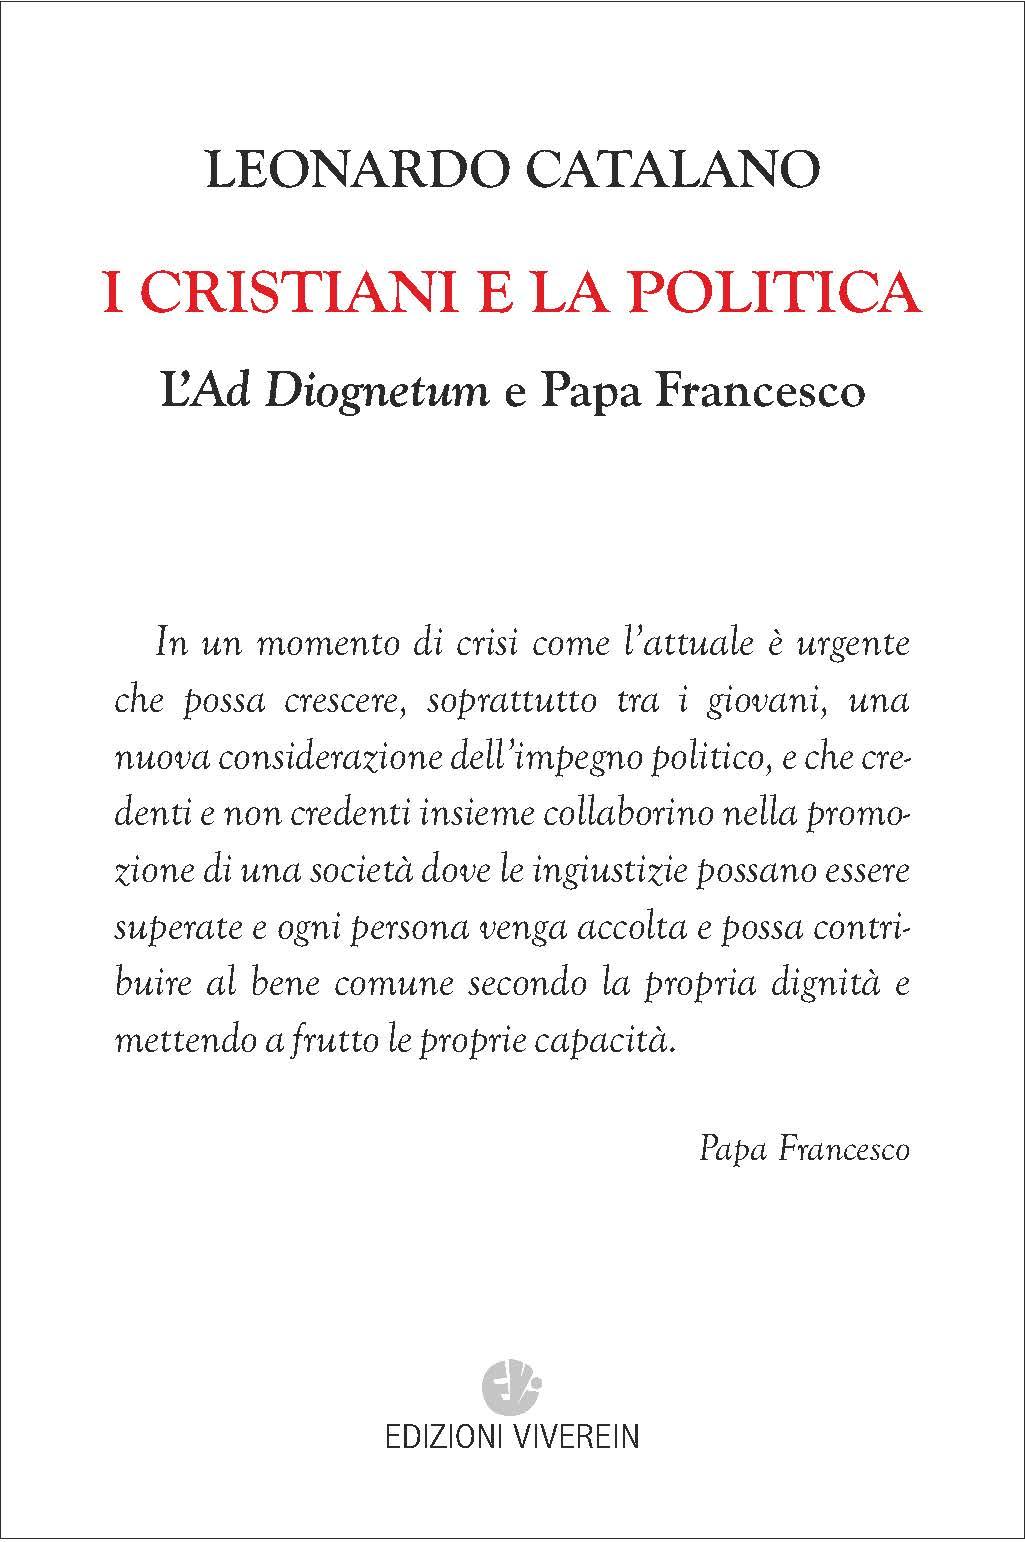 I cristiani e la politica